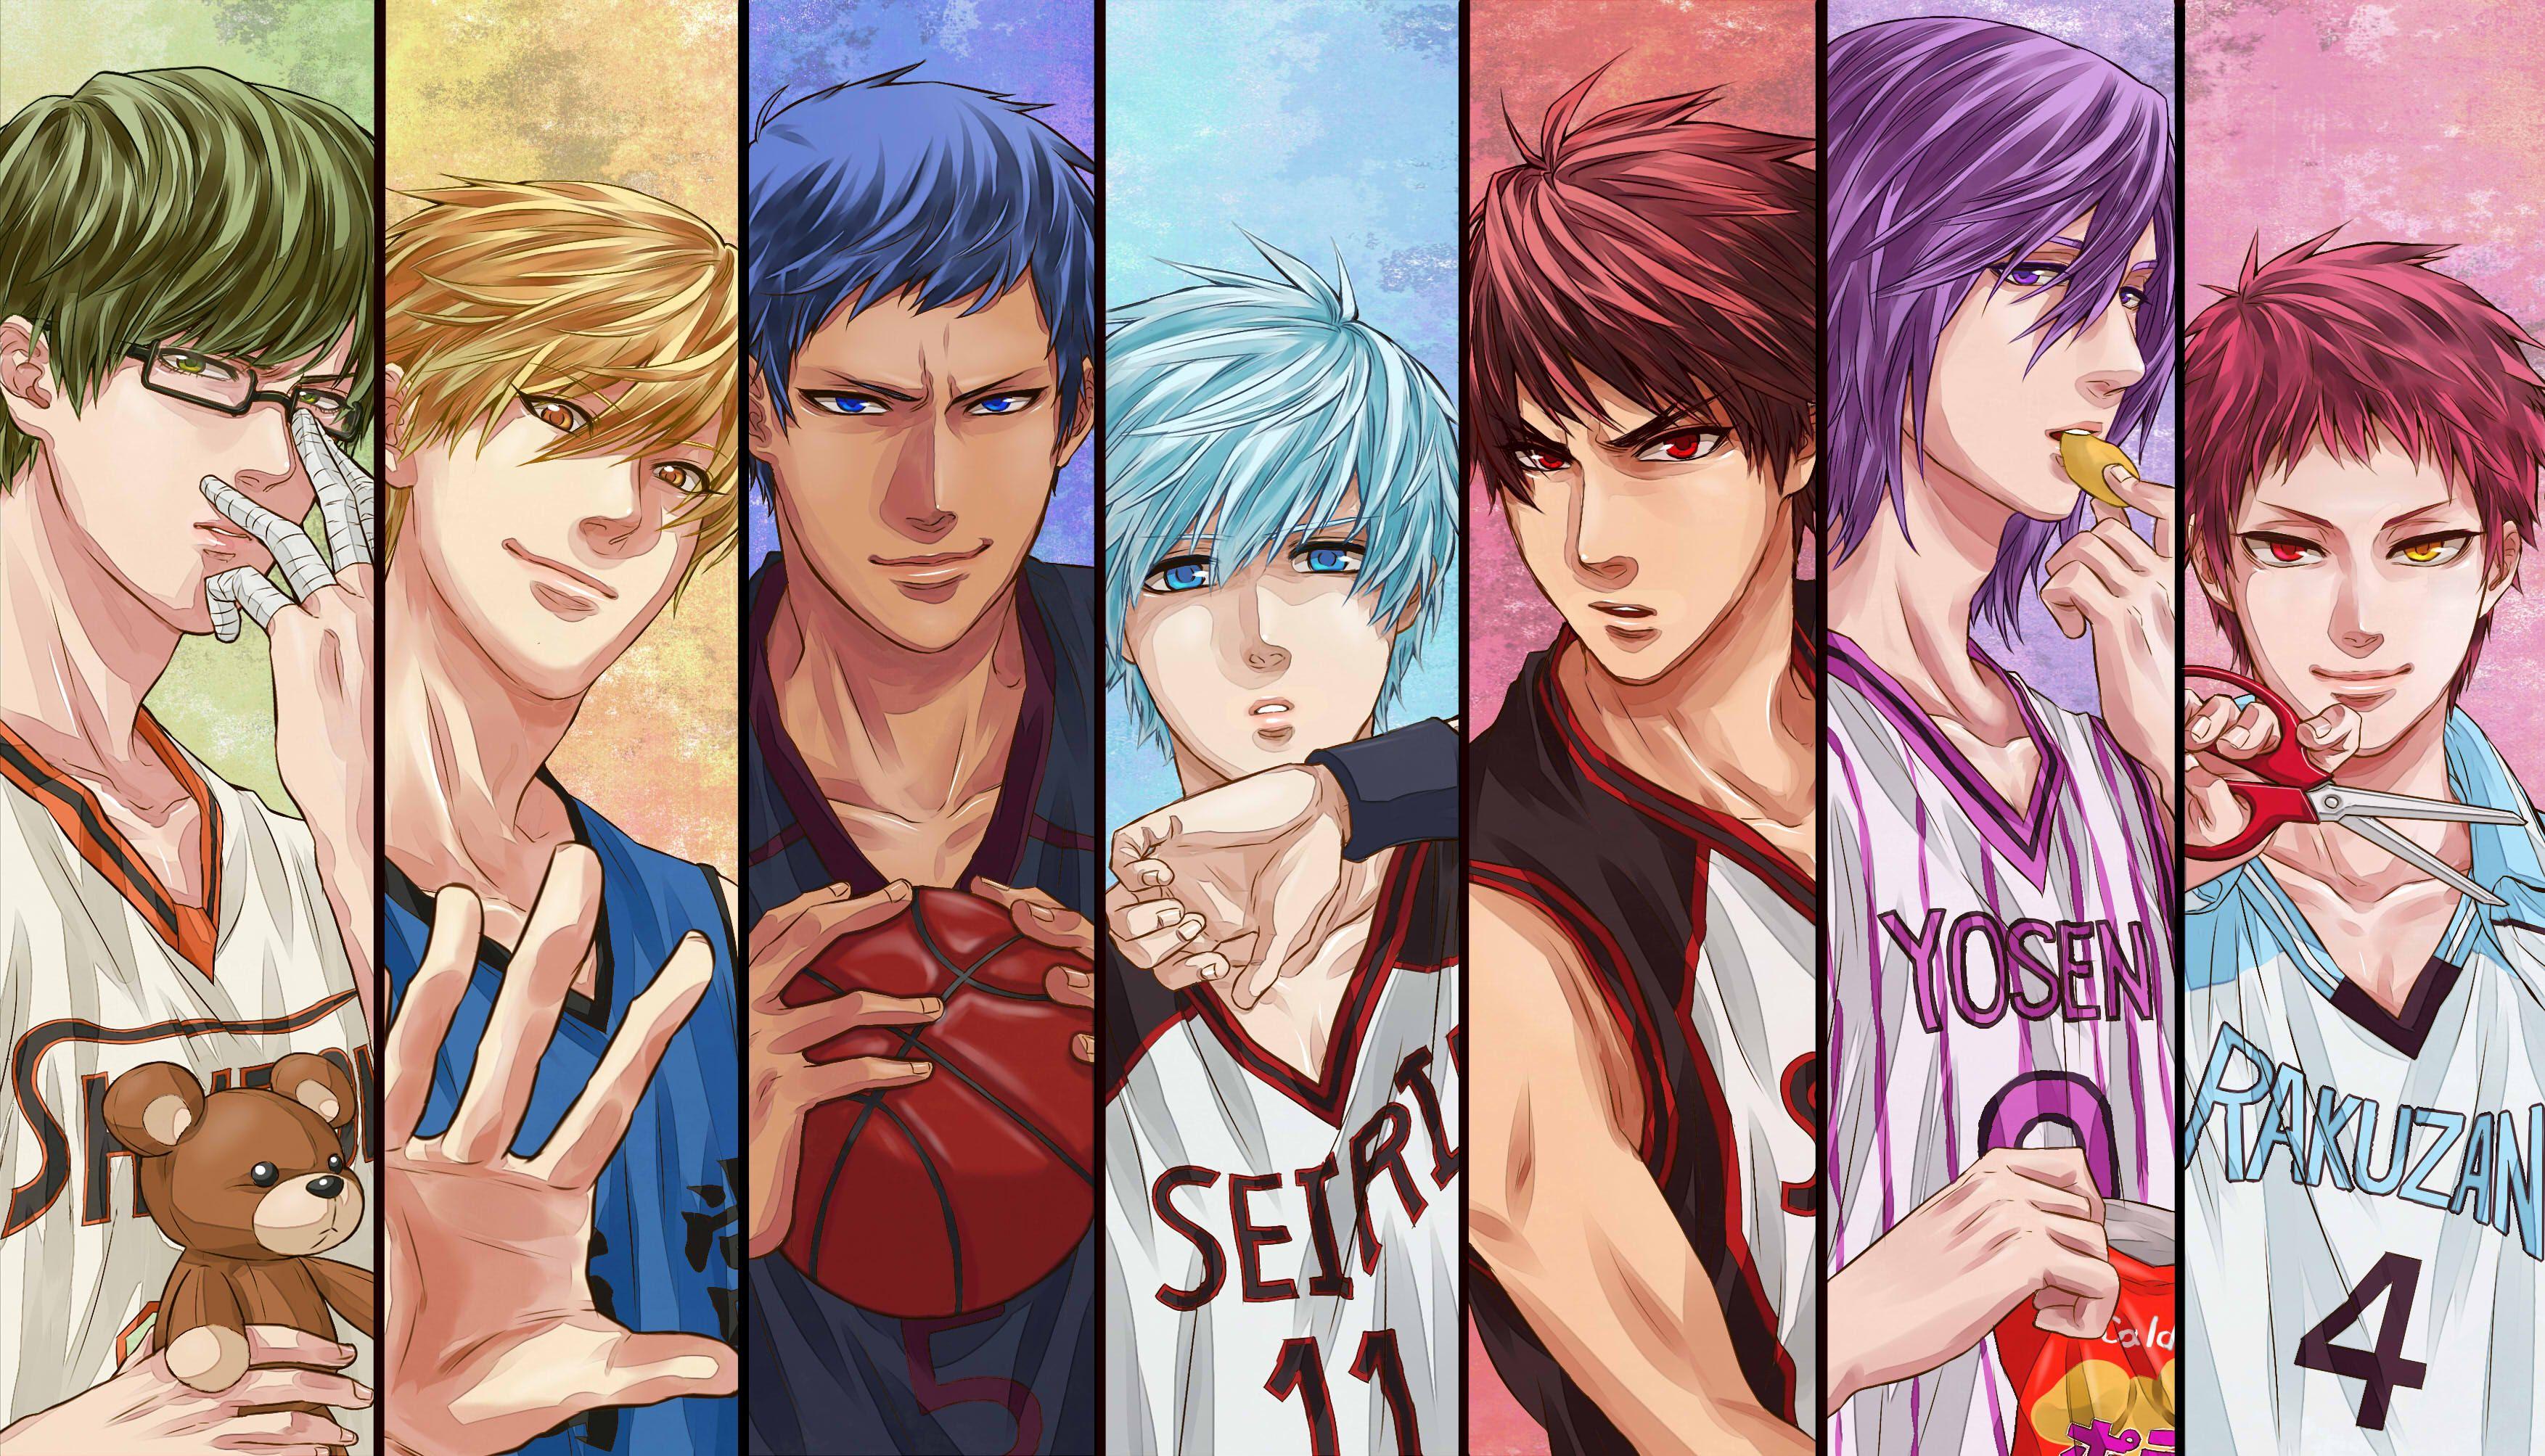 Pin by ☆ KAYnyaa_ ☆ on Anime Kuroko no Basket Kuroko